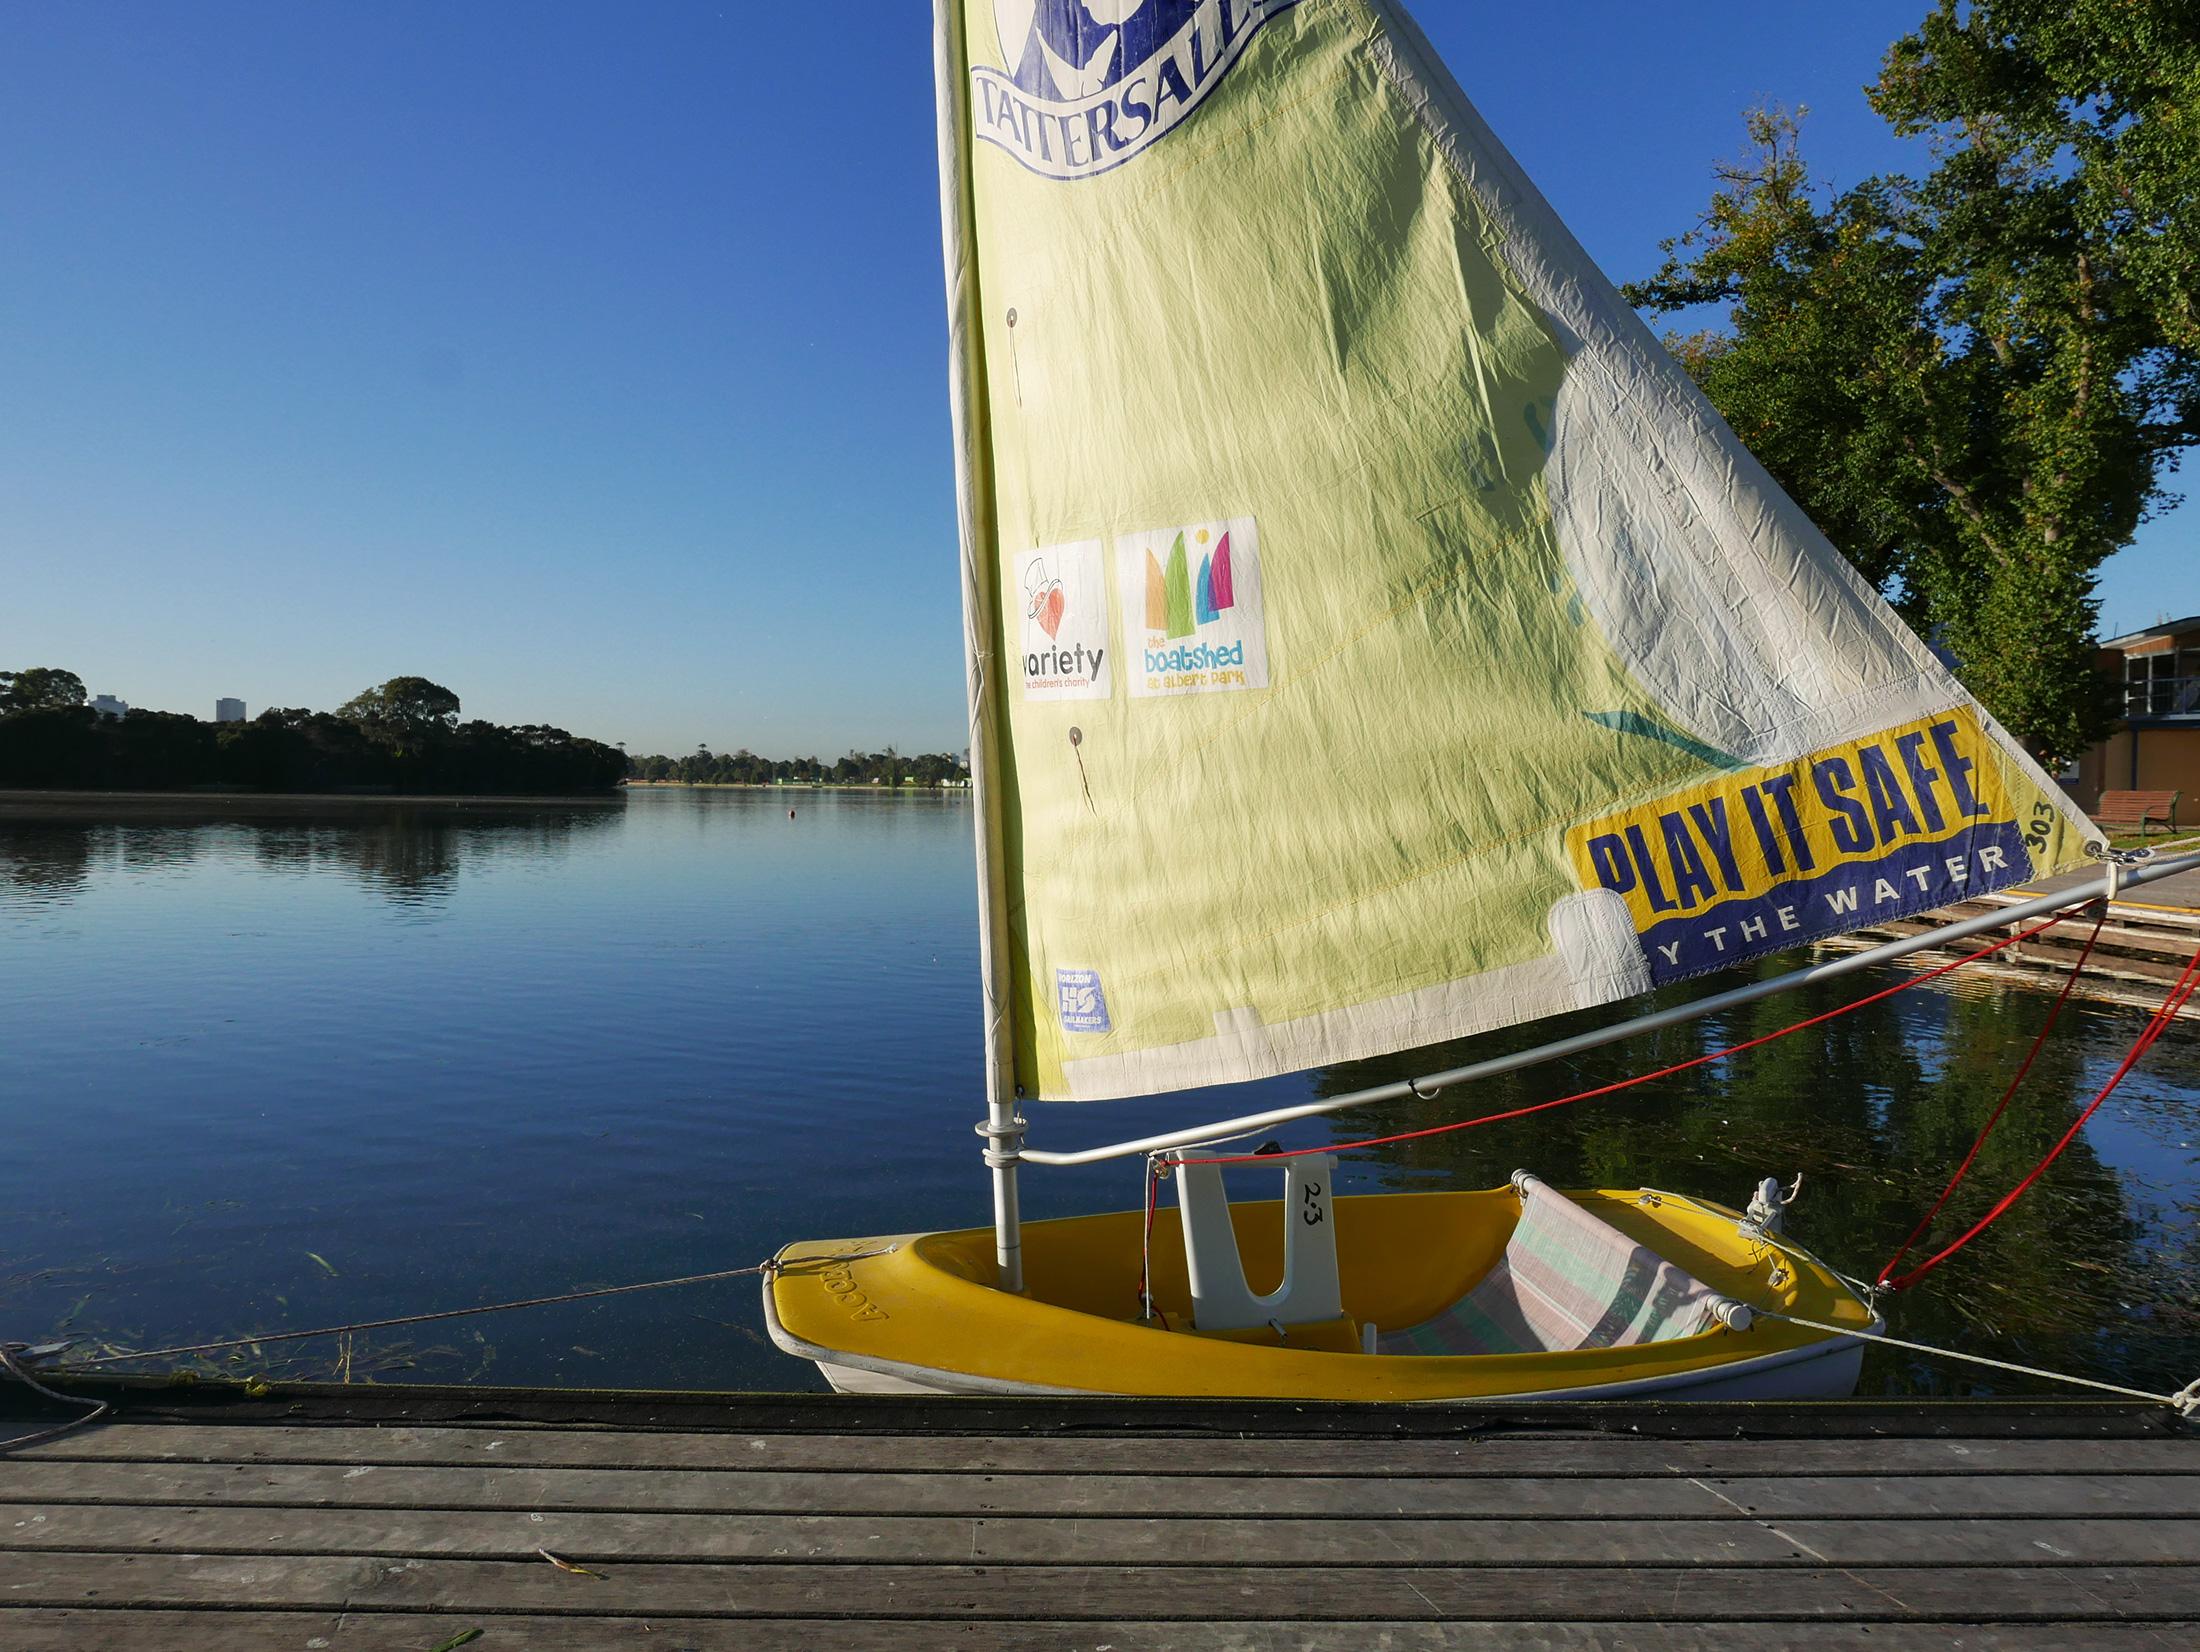 Sailing-hansa-in-morning-sunlight.jpg